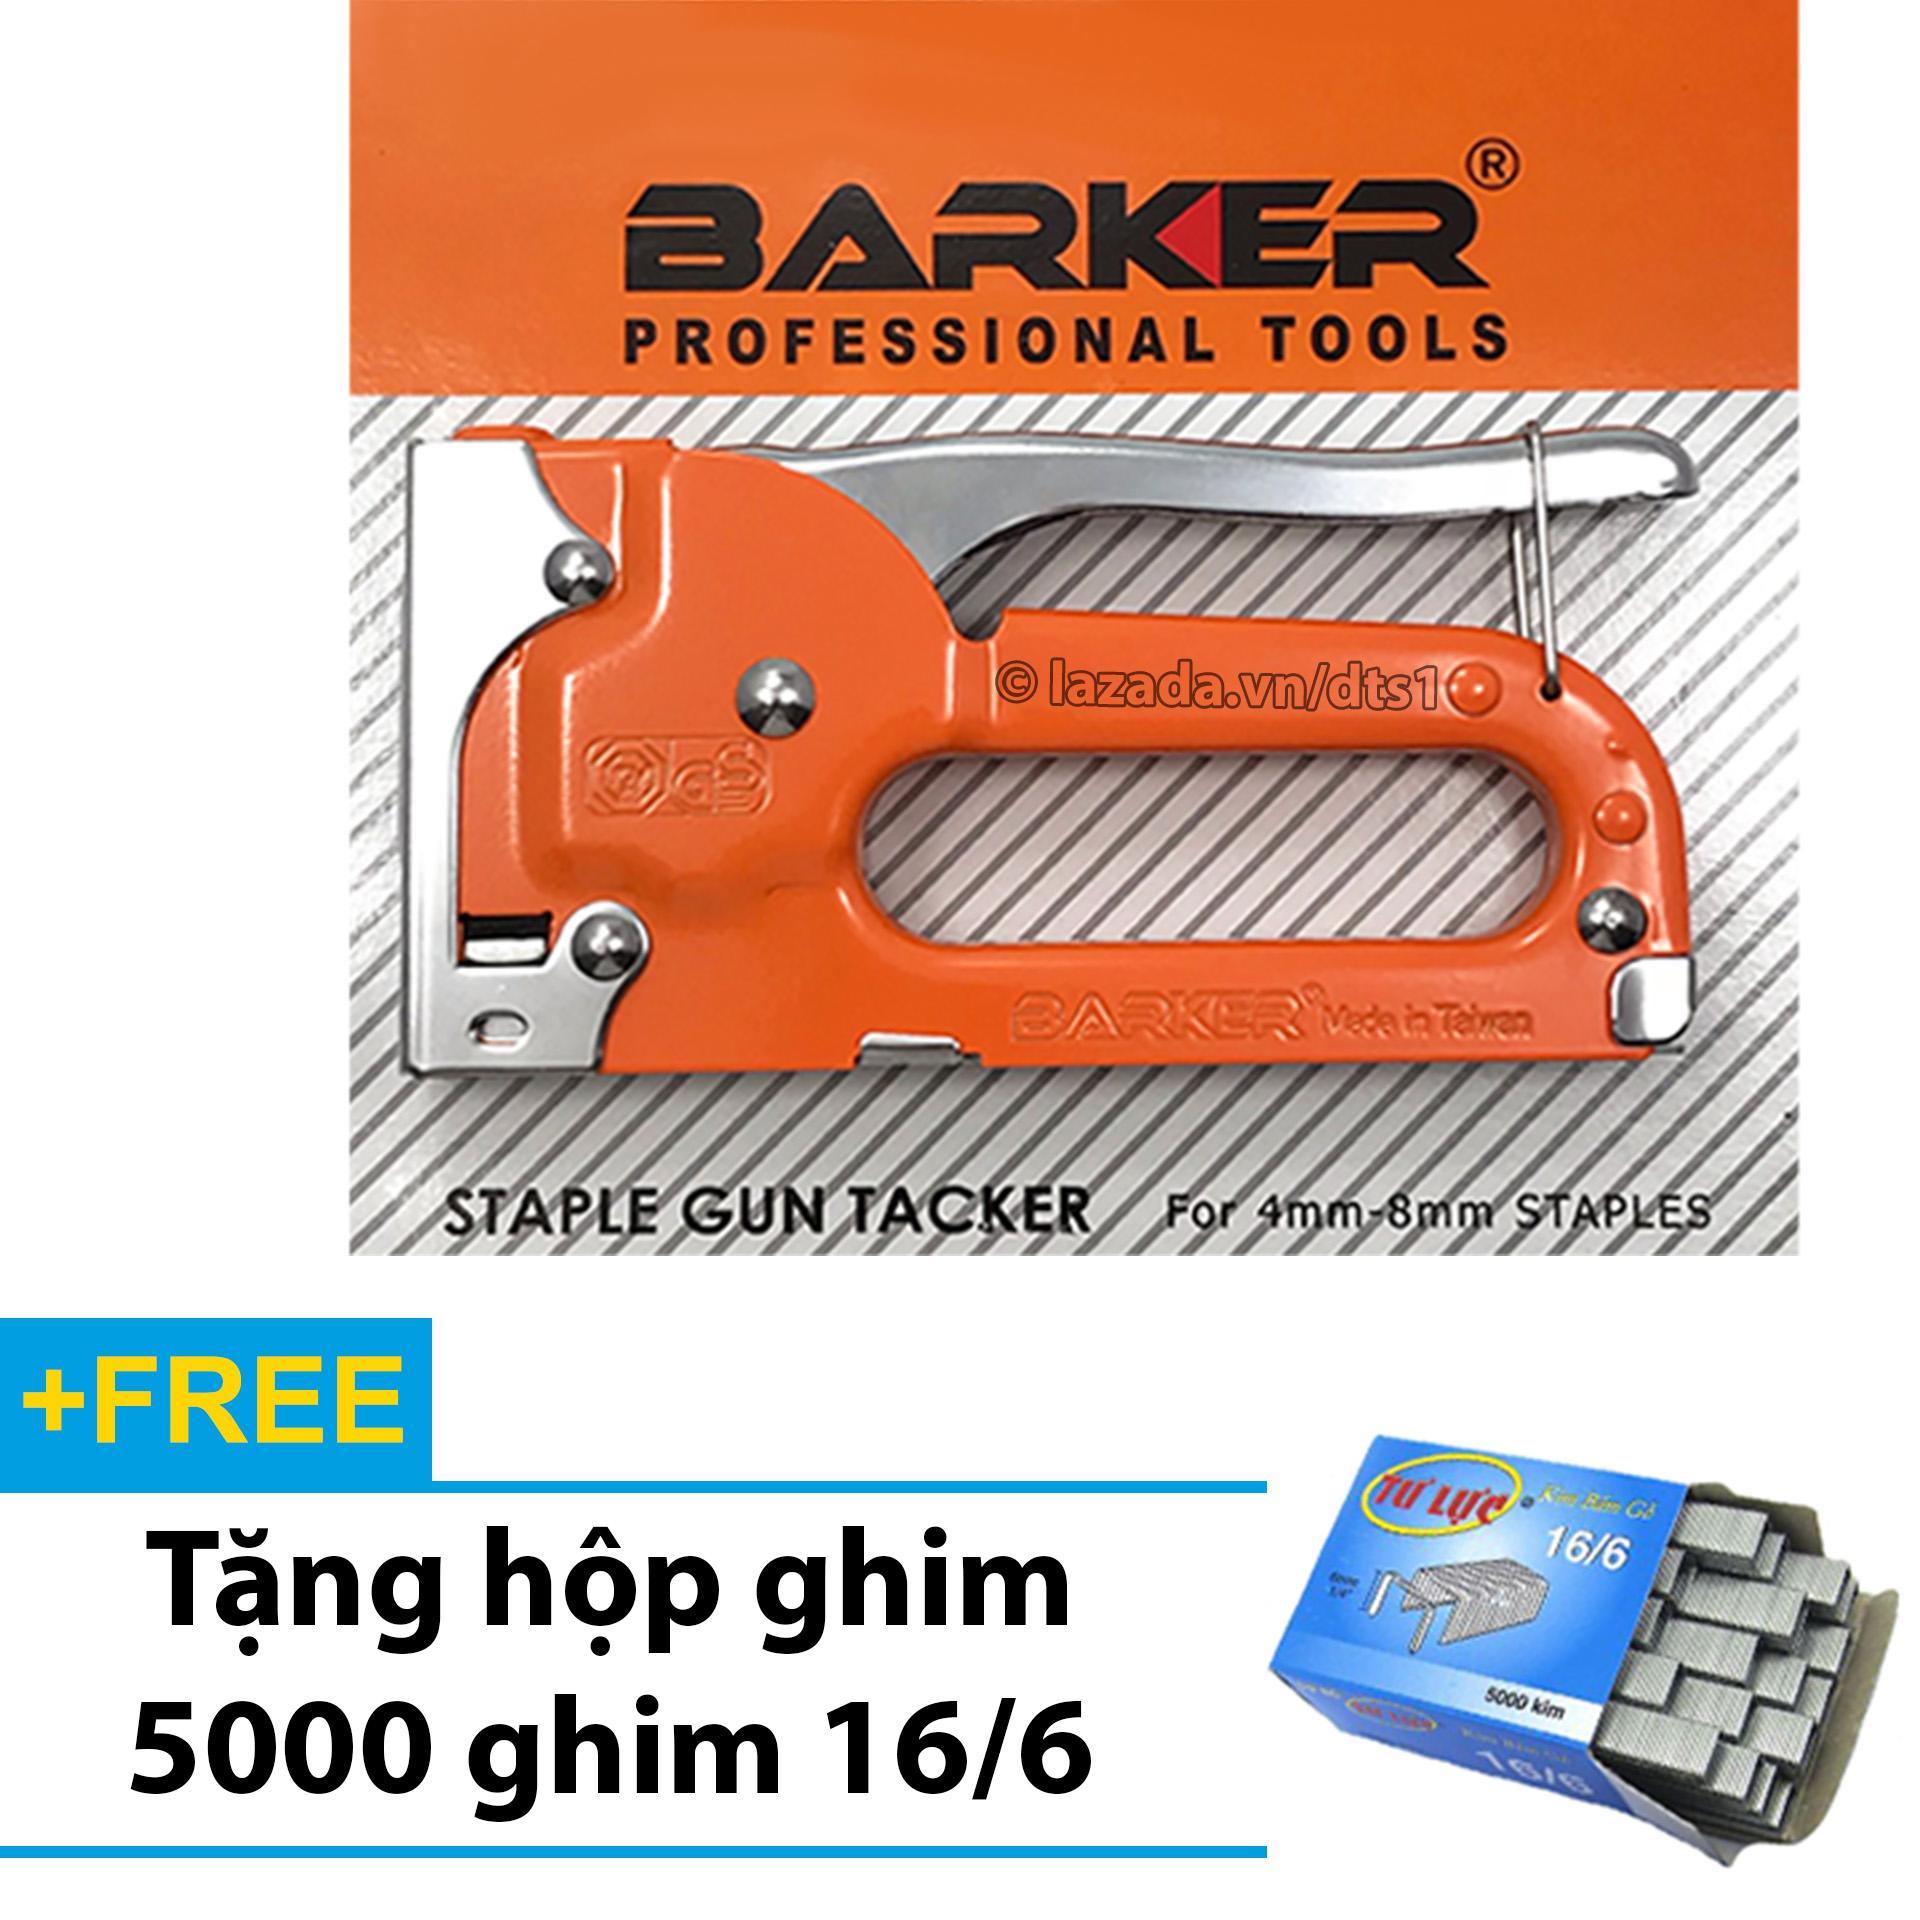 S.úng bắn ghim - Kìm bấm đinh gỗ BARKER cầm tay đa năng, tiện dụng - Tặng hộp 5000 ghim 16/6 (Cam)